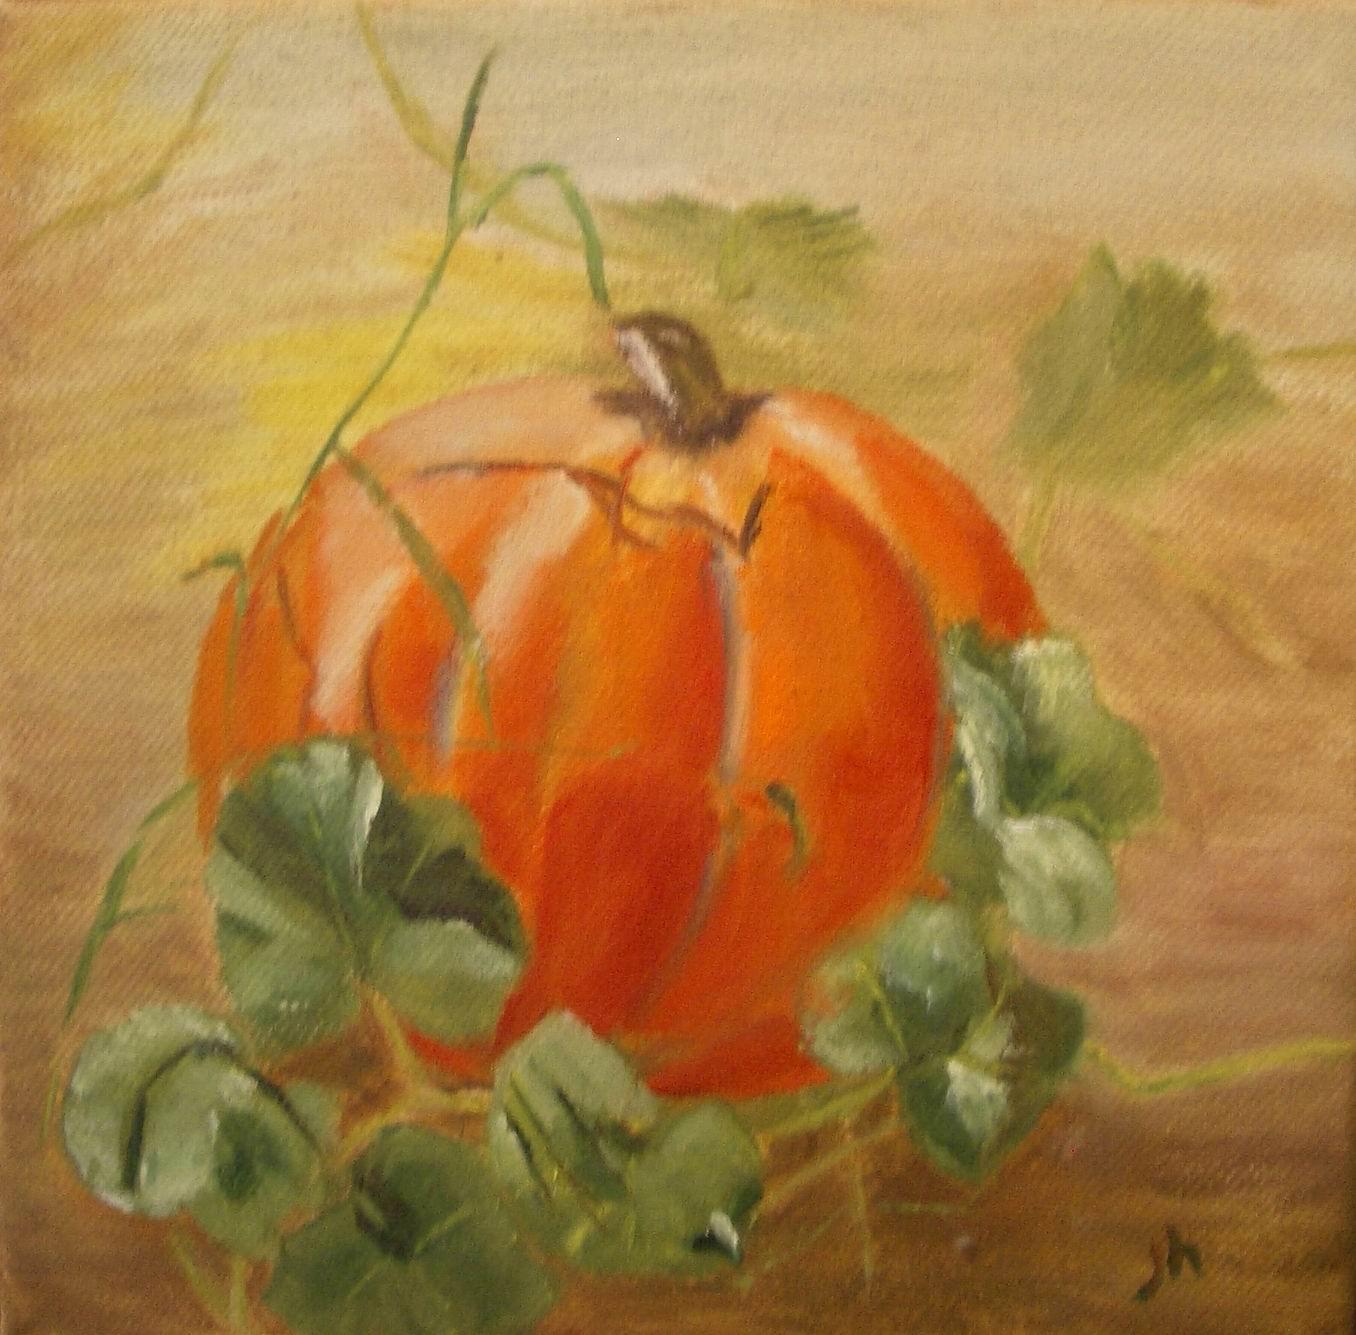 Anchorage Pumpkin - 8x8